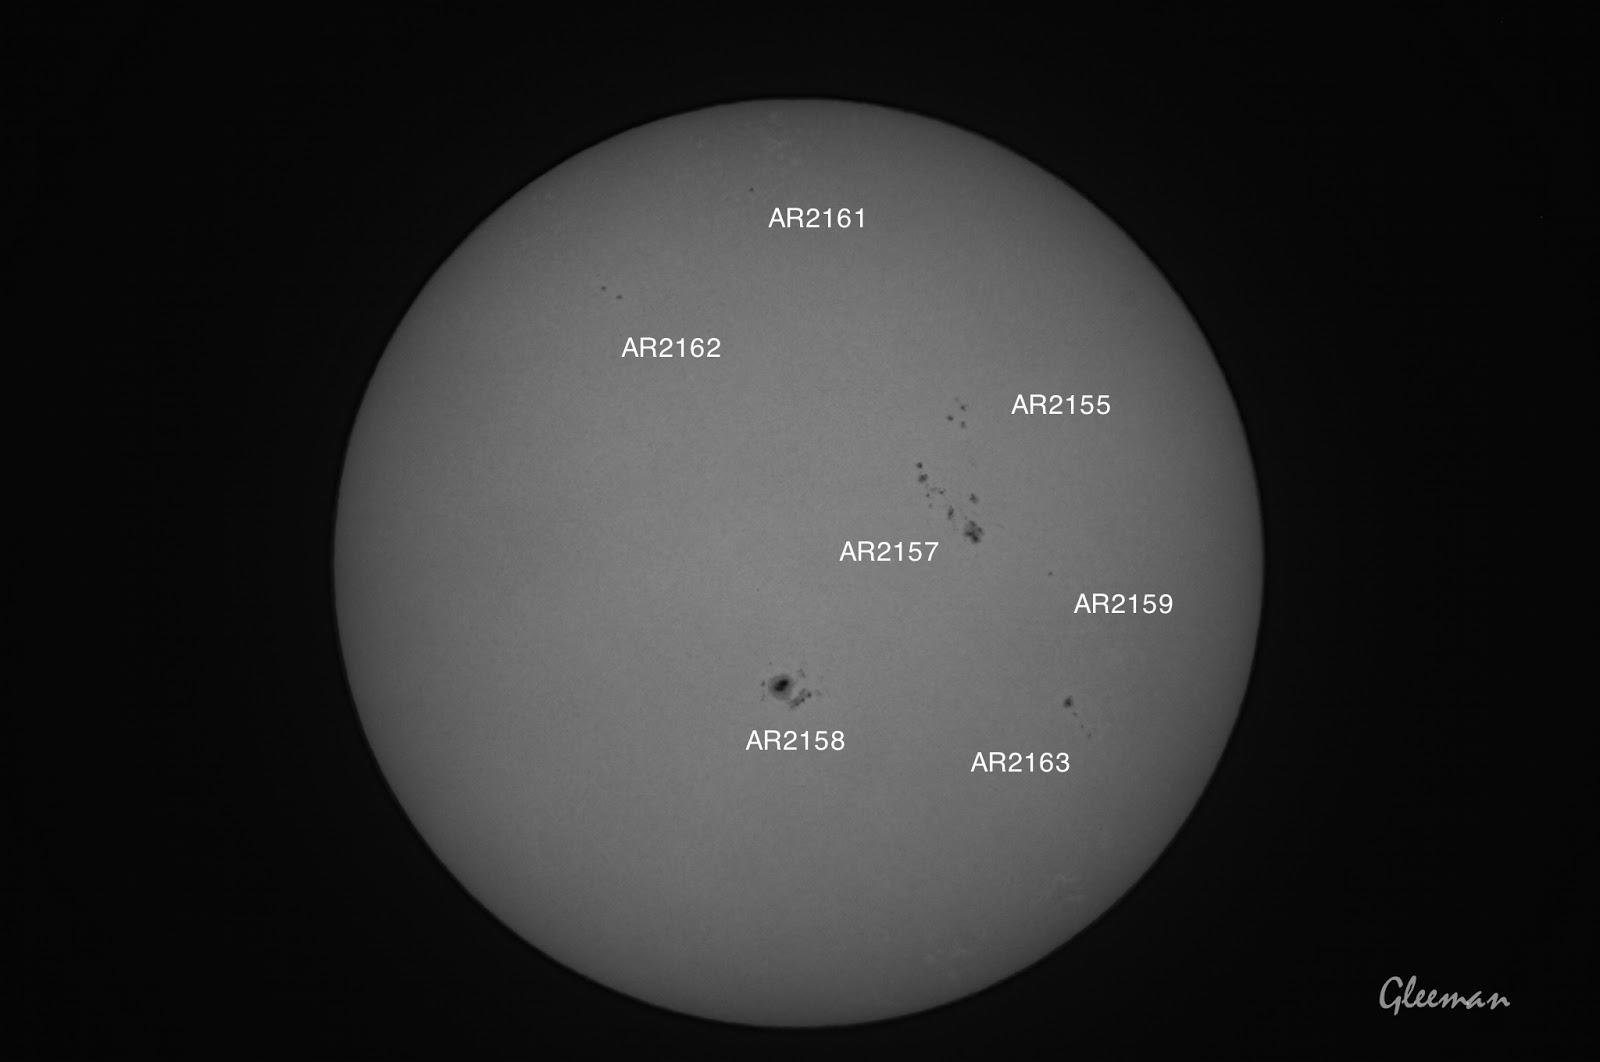 躍的太陽黑子,其中AR2158爆發了X級的太陽閃焰